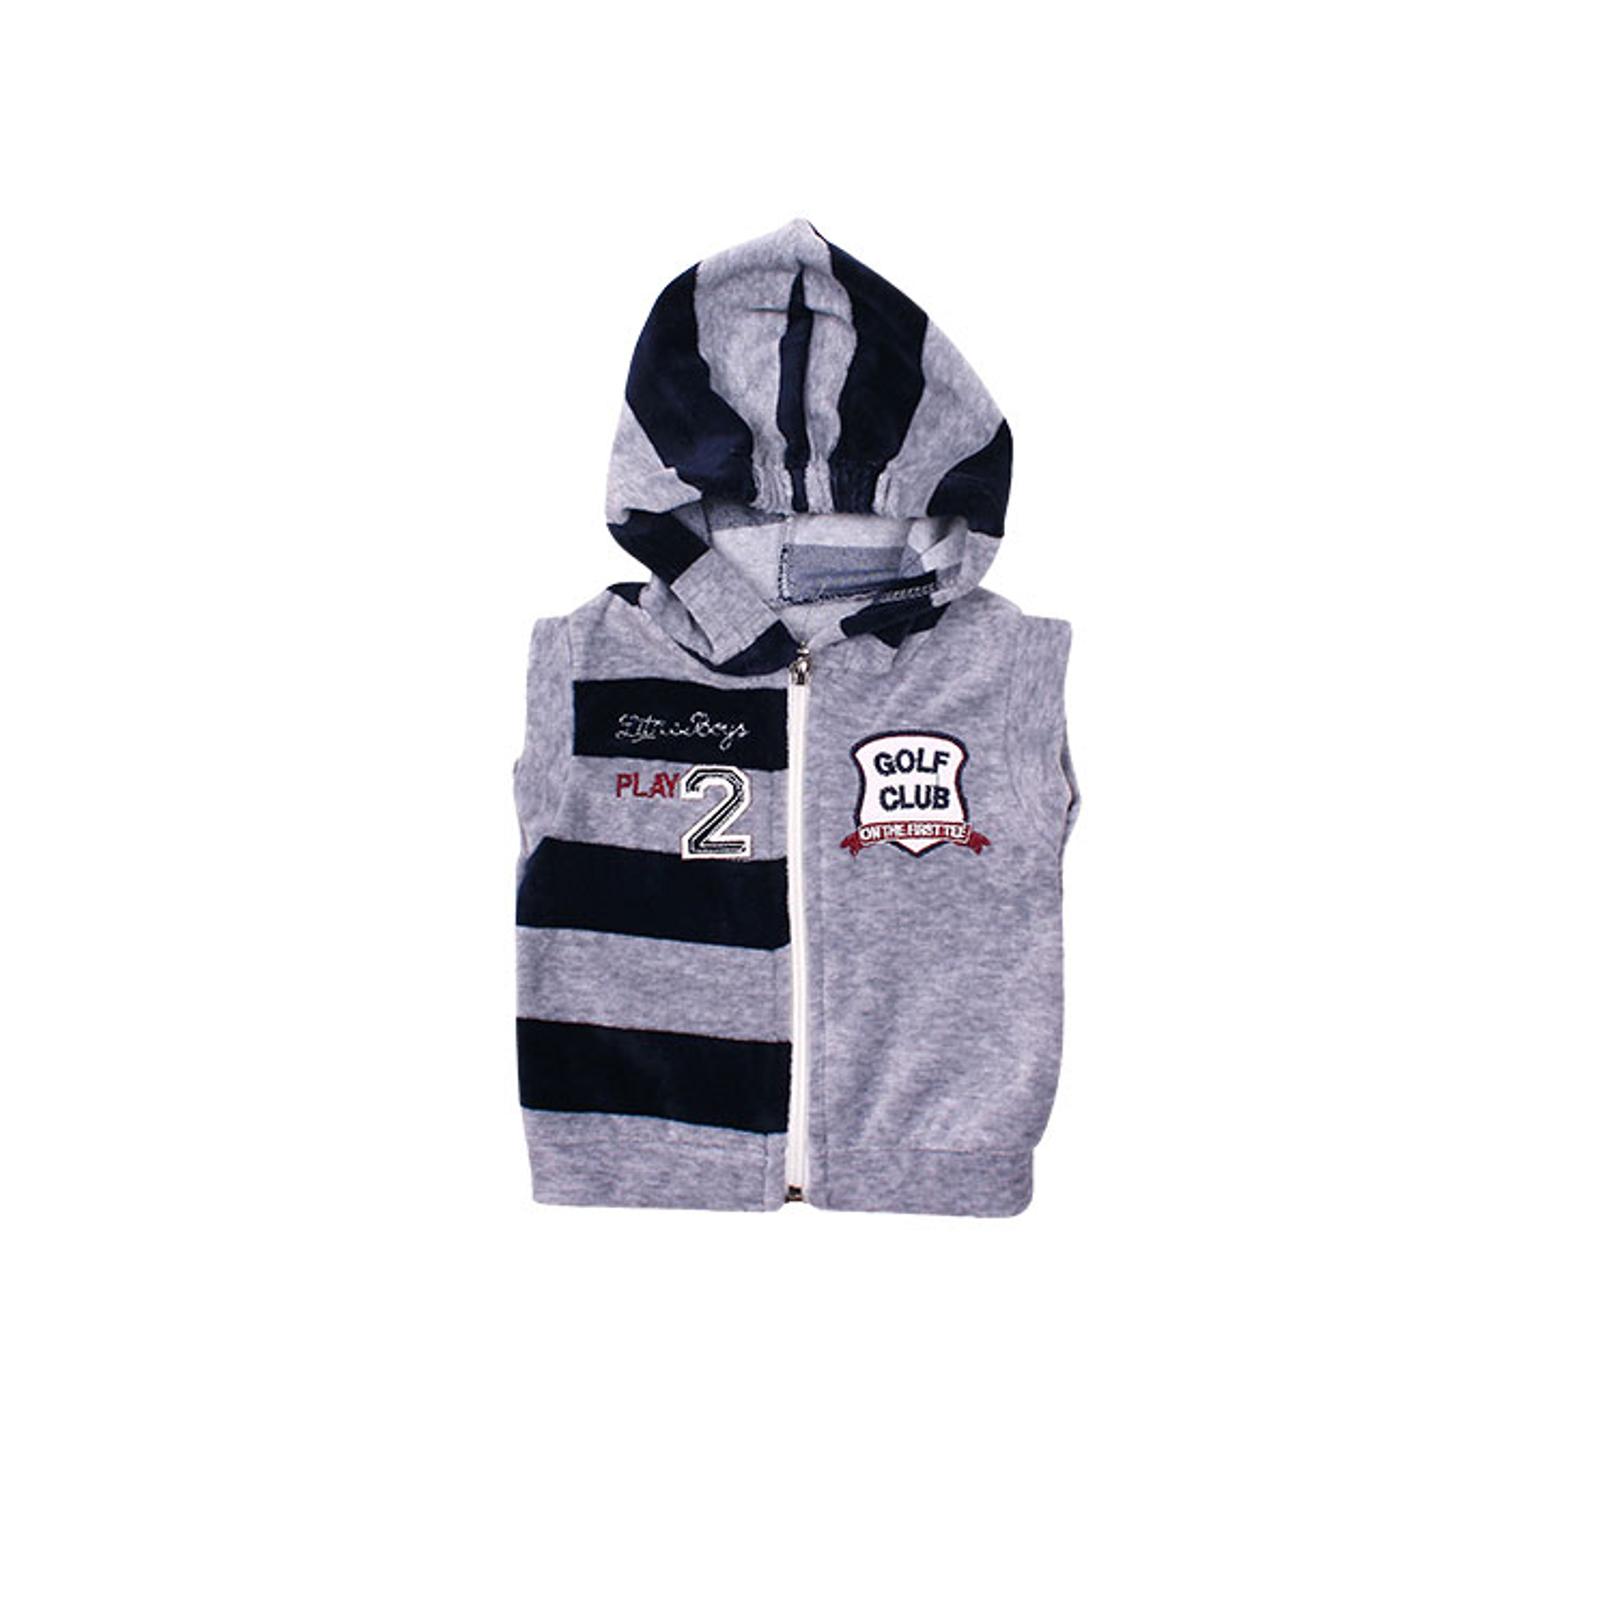 Комплект одежды Estella для мальчика, брюки, толстовка, жилет, цвет - Синий Размер 68